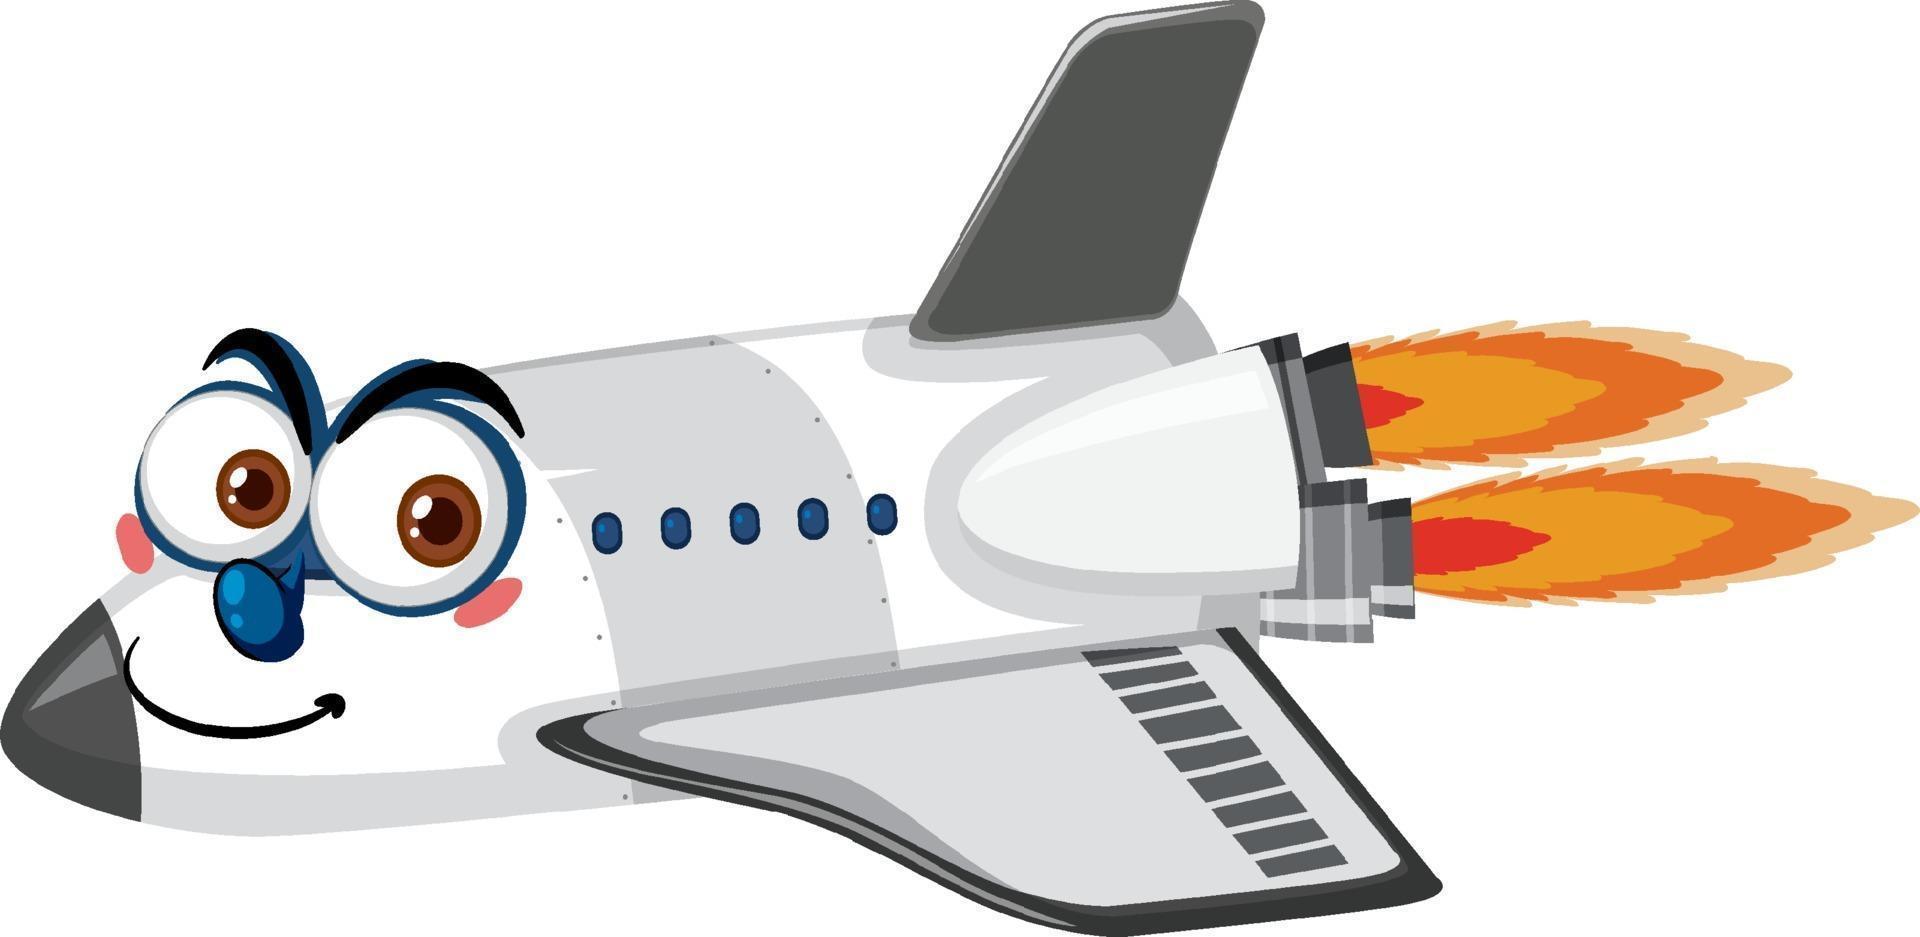 flygplan seriefigur med ansiktsuttryck på vit bakgrund vektor